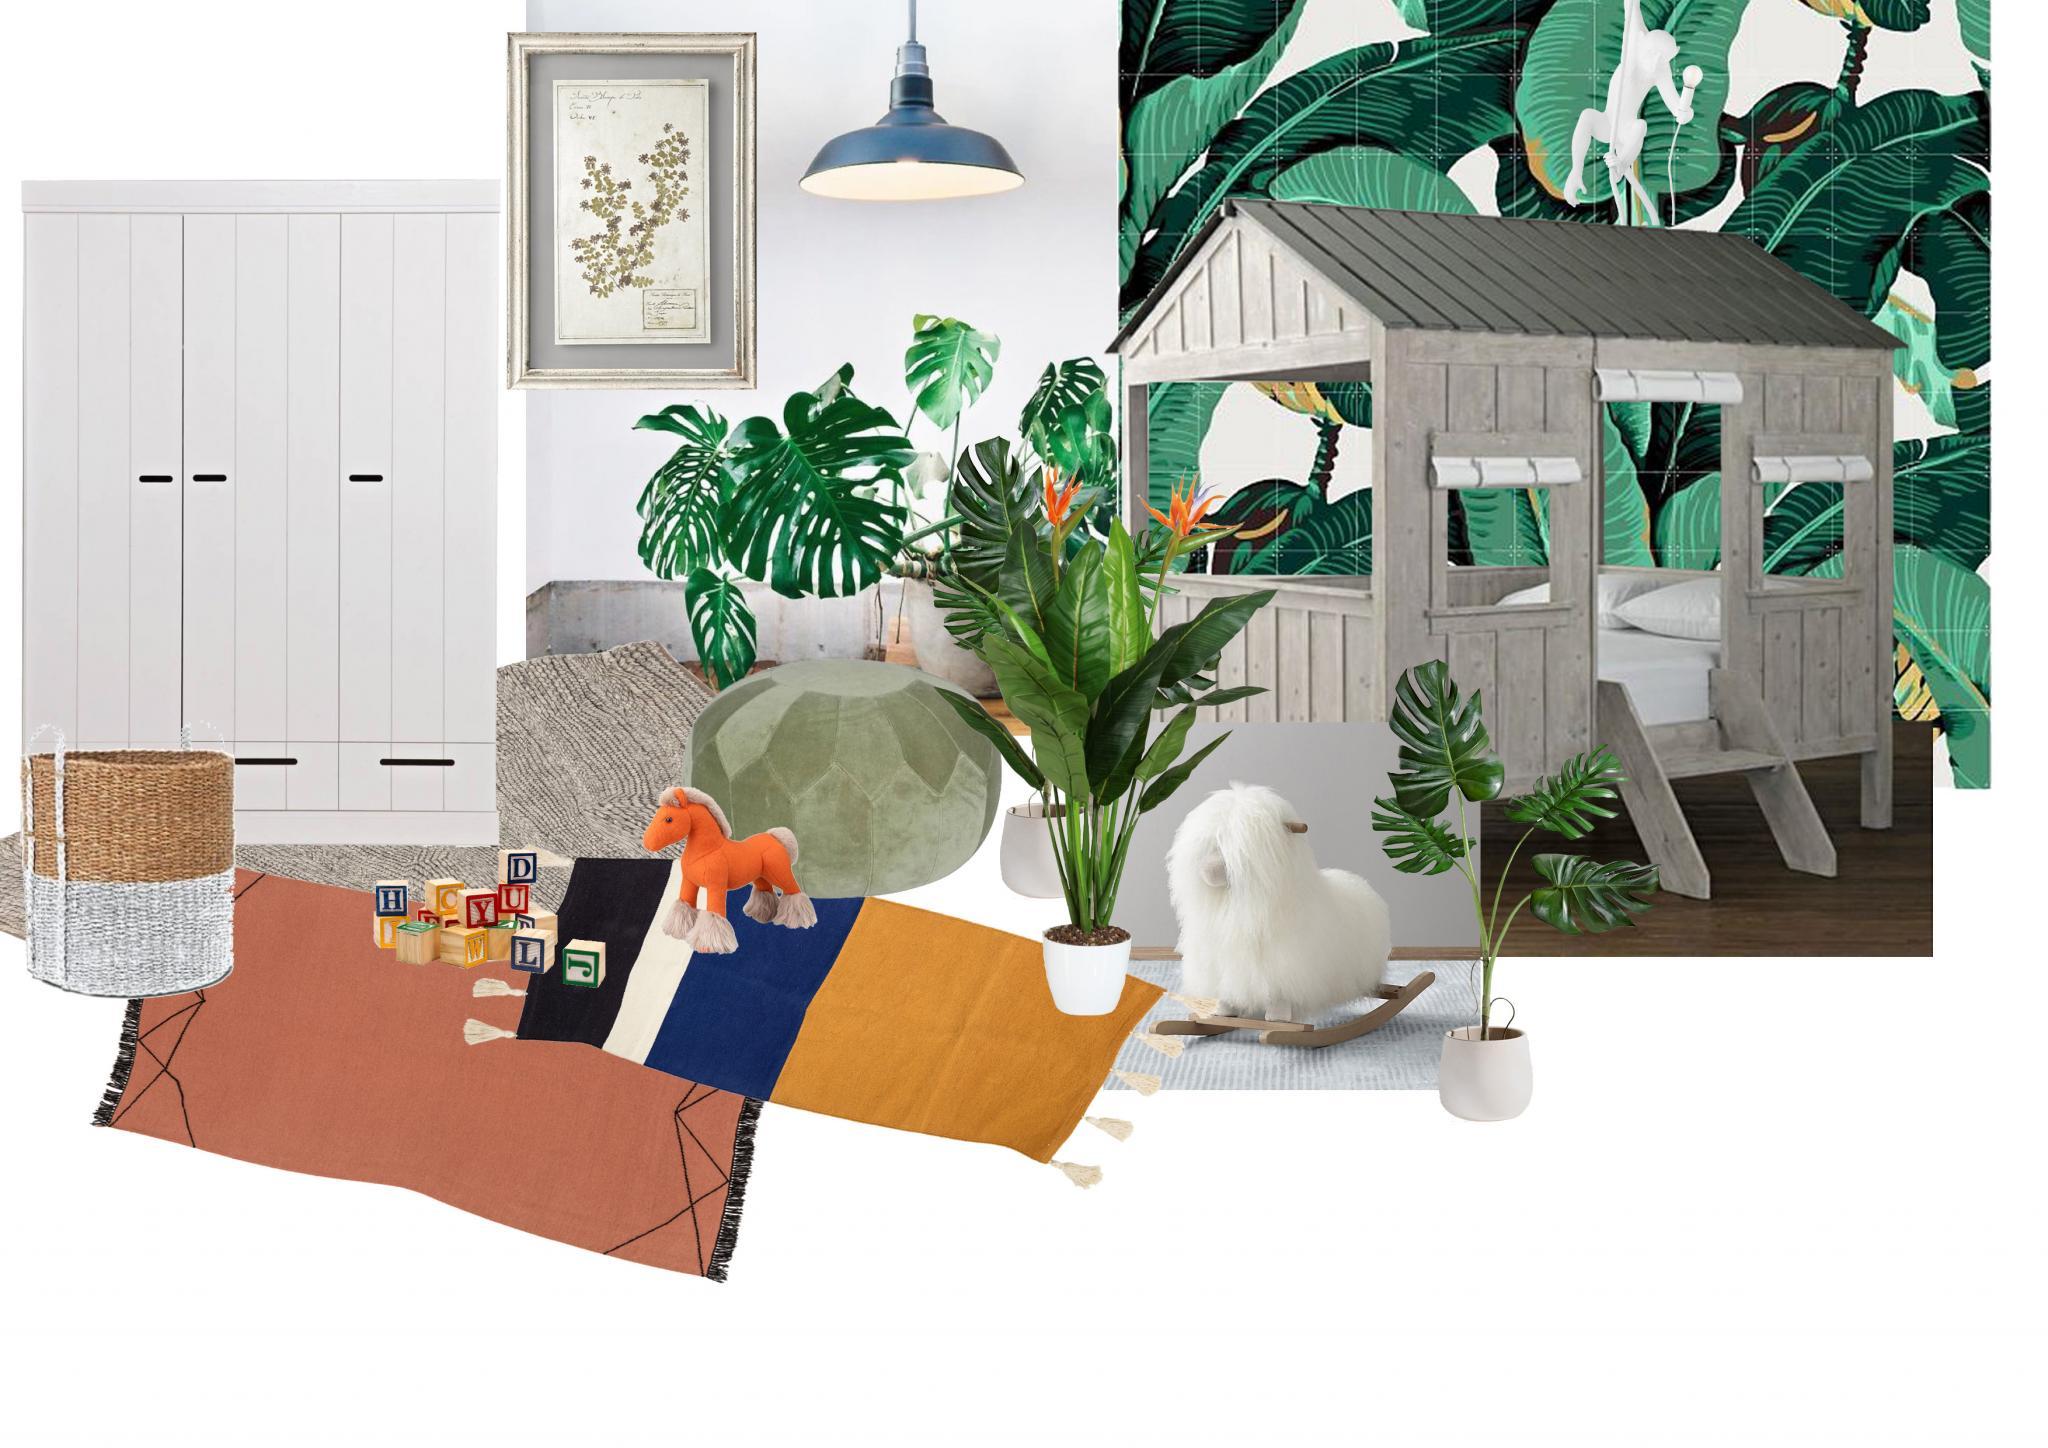 Kinderzimmer, nursery, botanical room, plants, Personal Issue